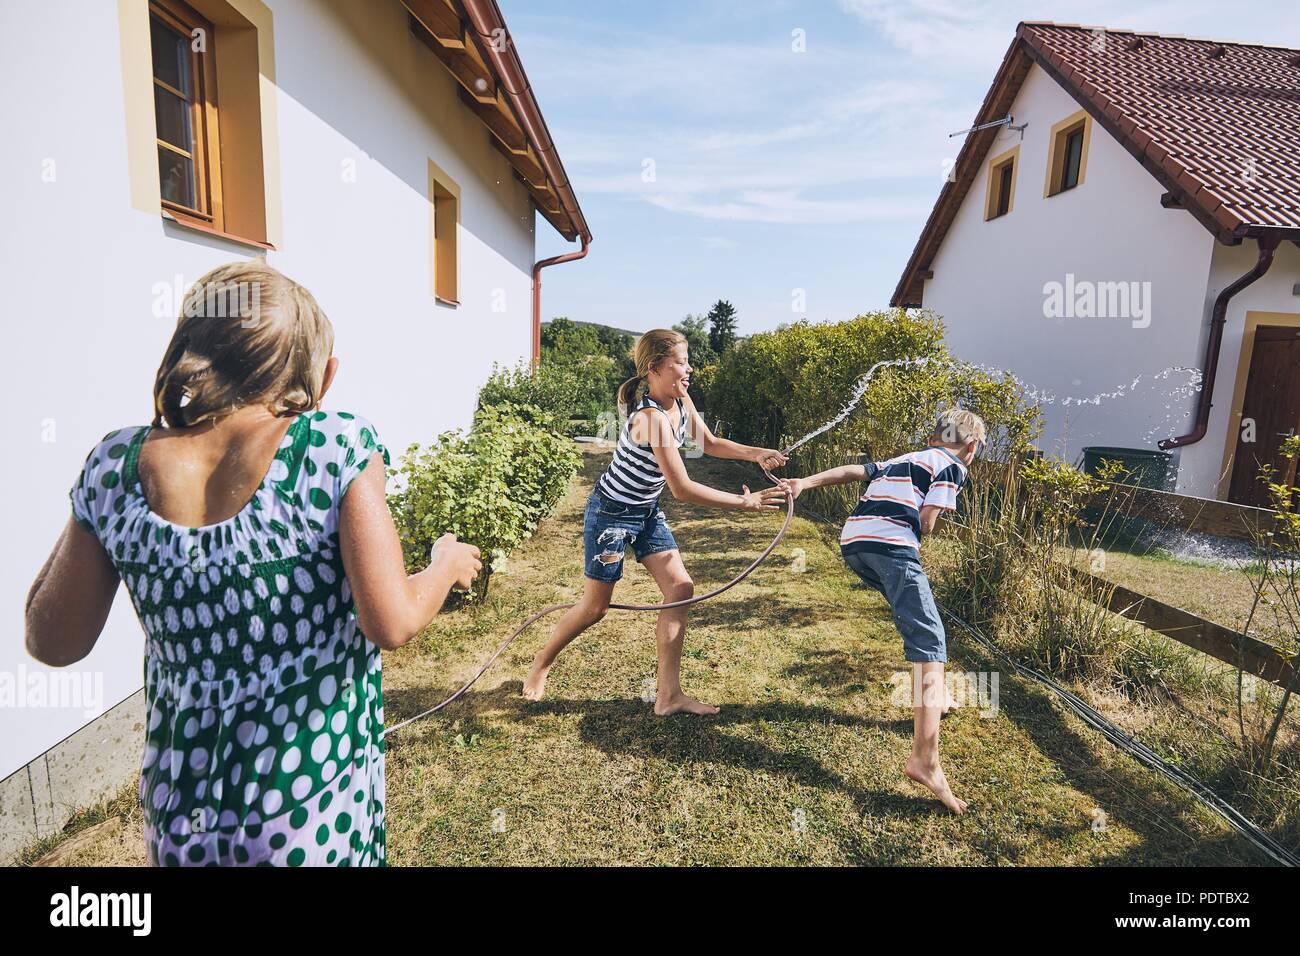 Kinder Spaß mit Spritzwasser. Geschwister auf dem Hinterhof des Hauses im Sommer Tag. Stockbild